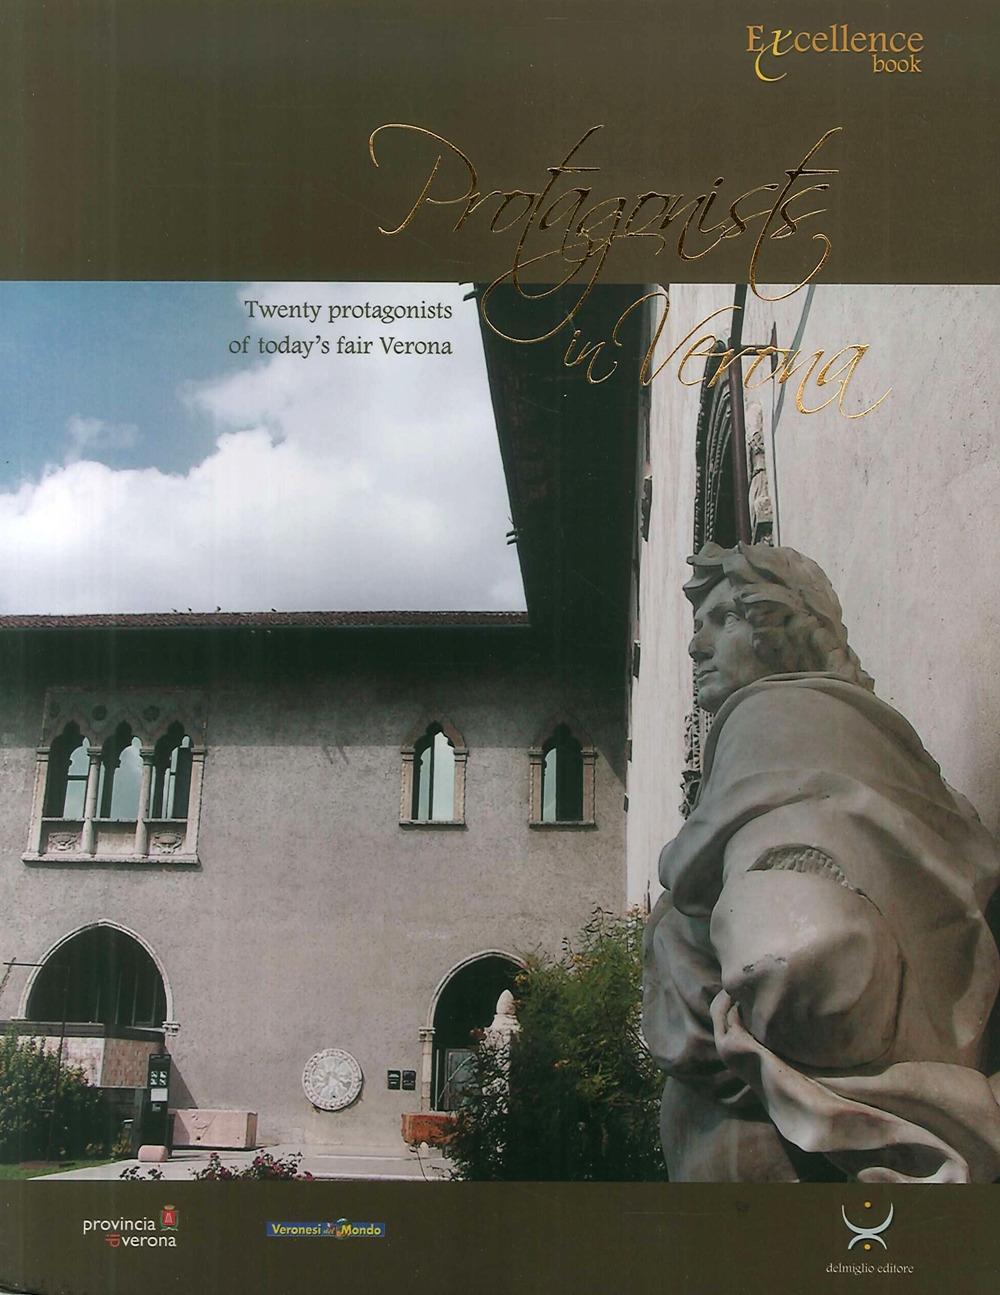 Protagonists in Verona. Twenty protagonists of today's fair Verona